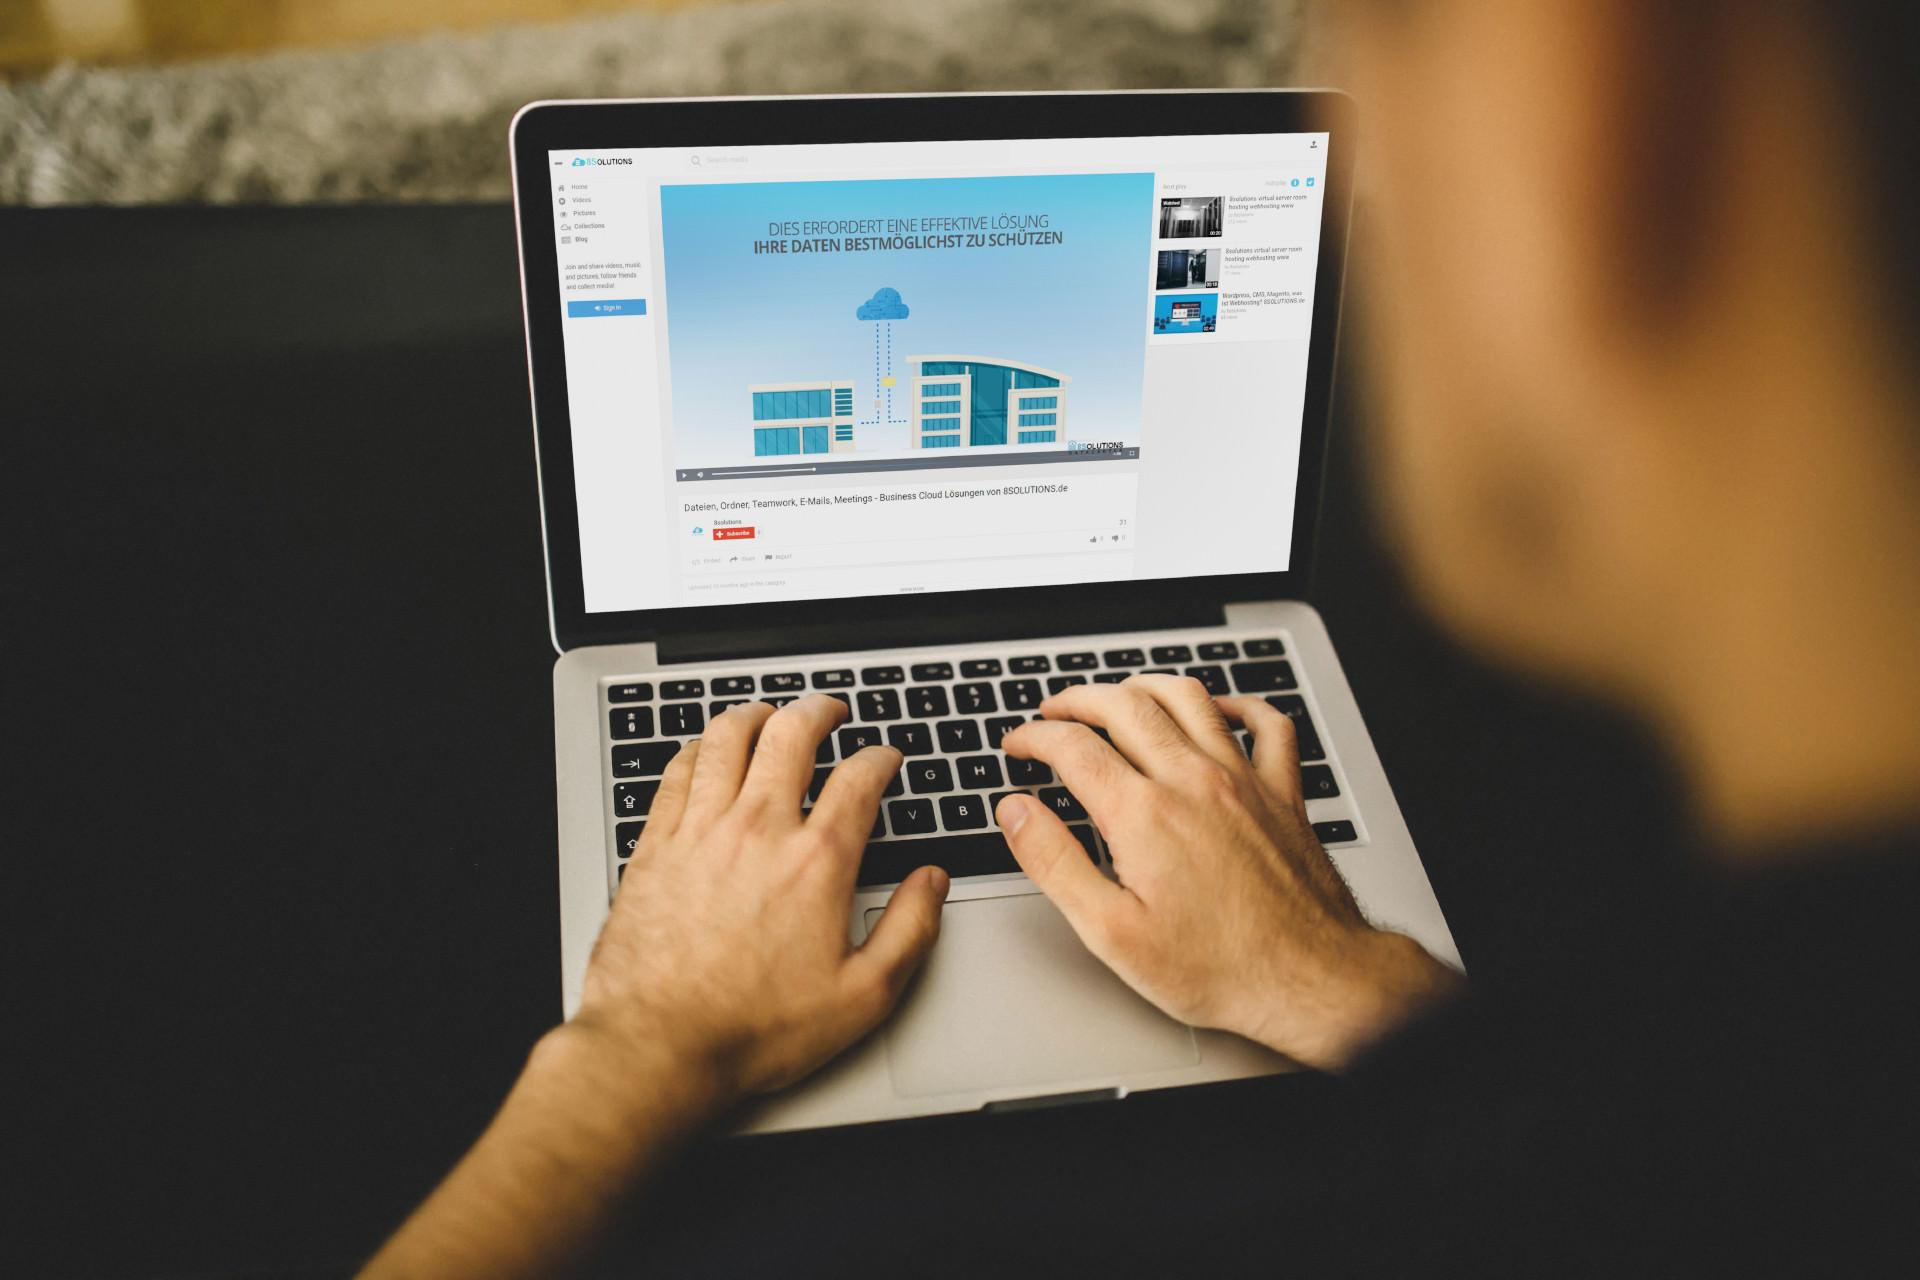 Vorstellung – Wir erklären euch die Vorteile einer Business Cloud in weniger als 2 Minuten!